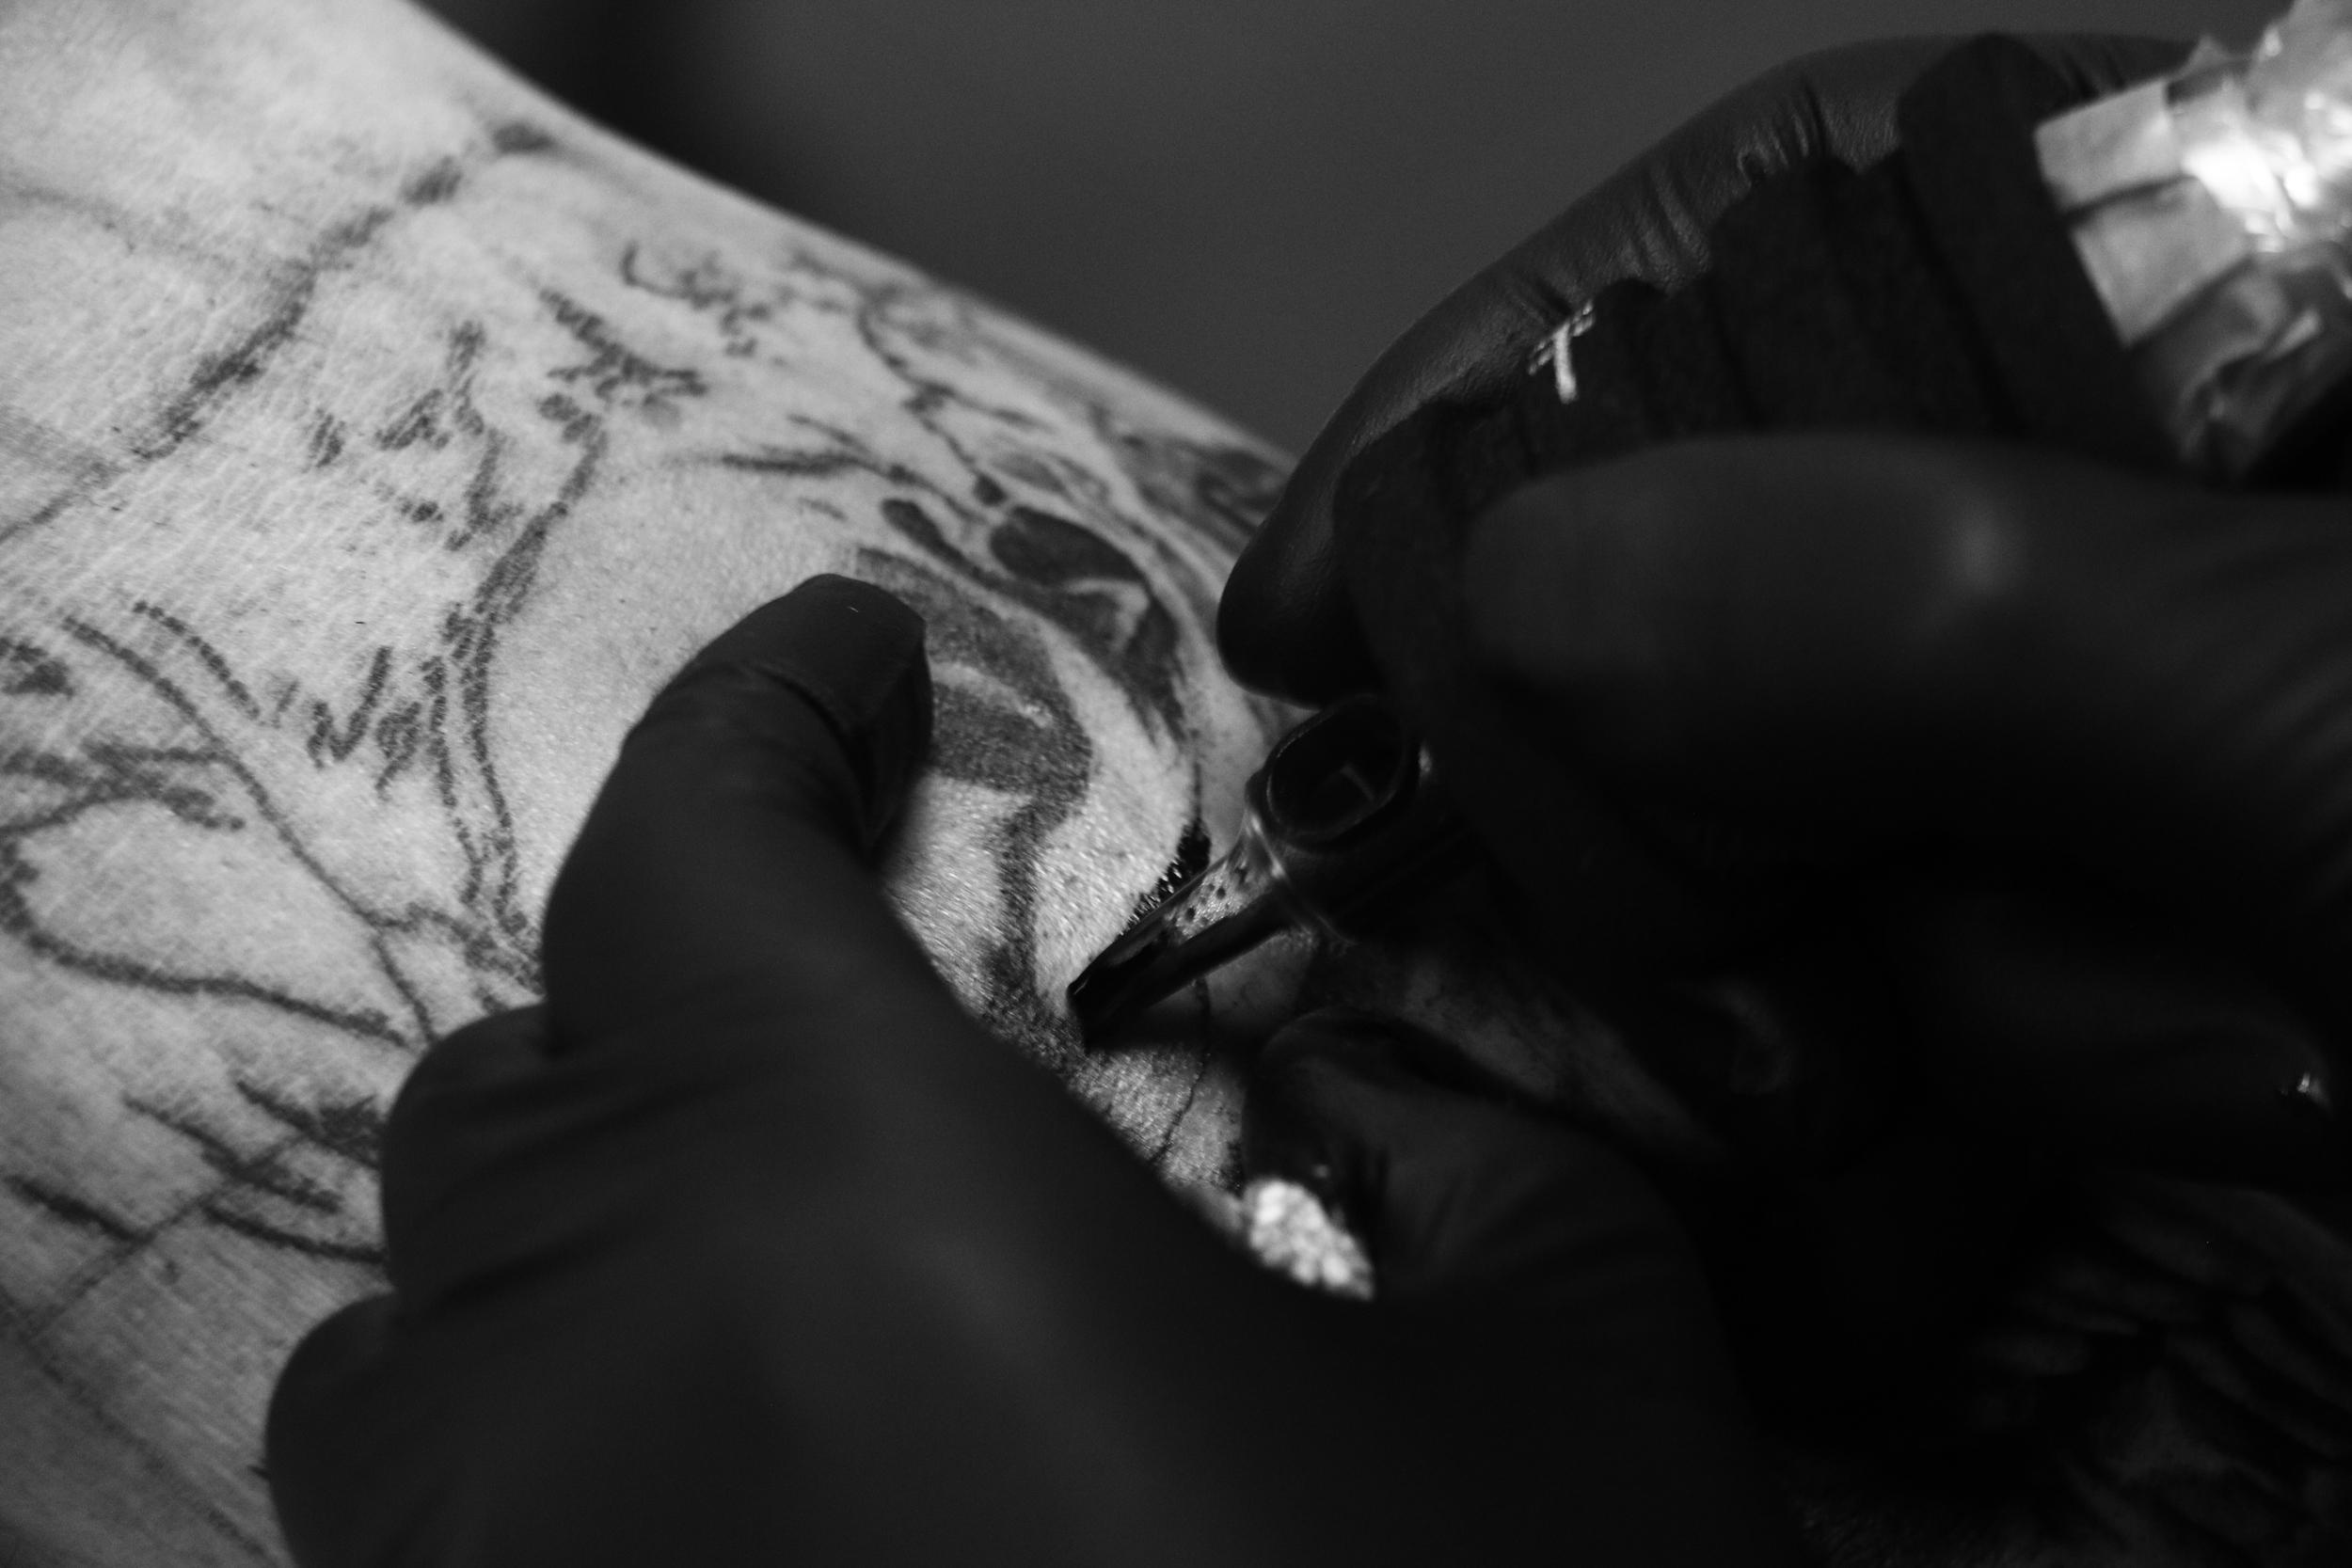 seughyun-jo-tattoos-skull2.JPG